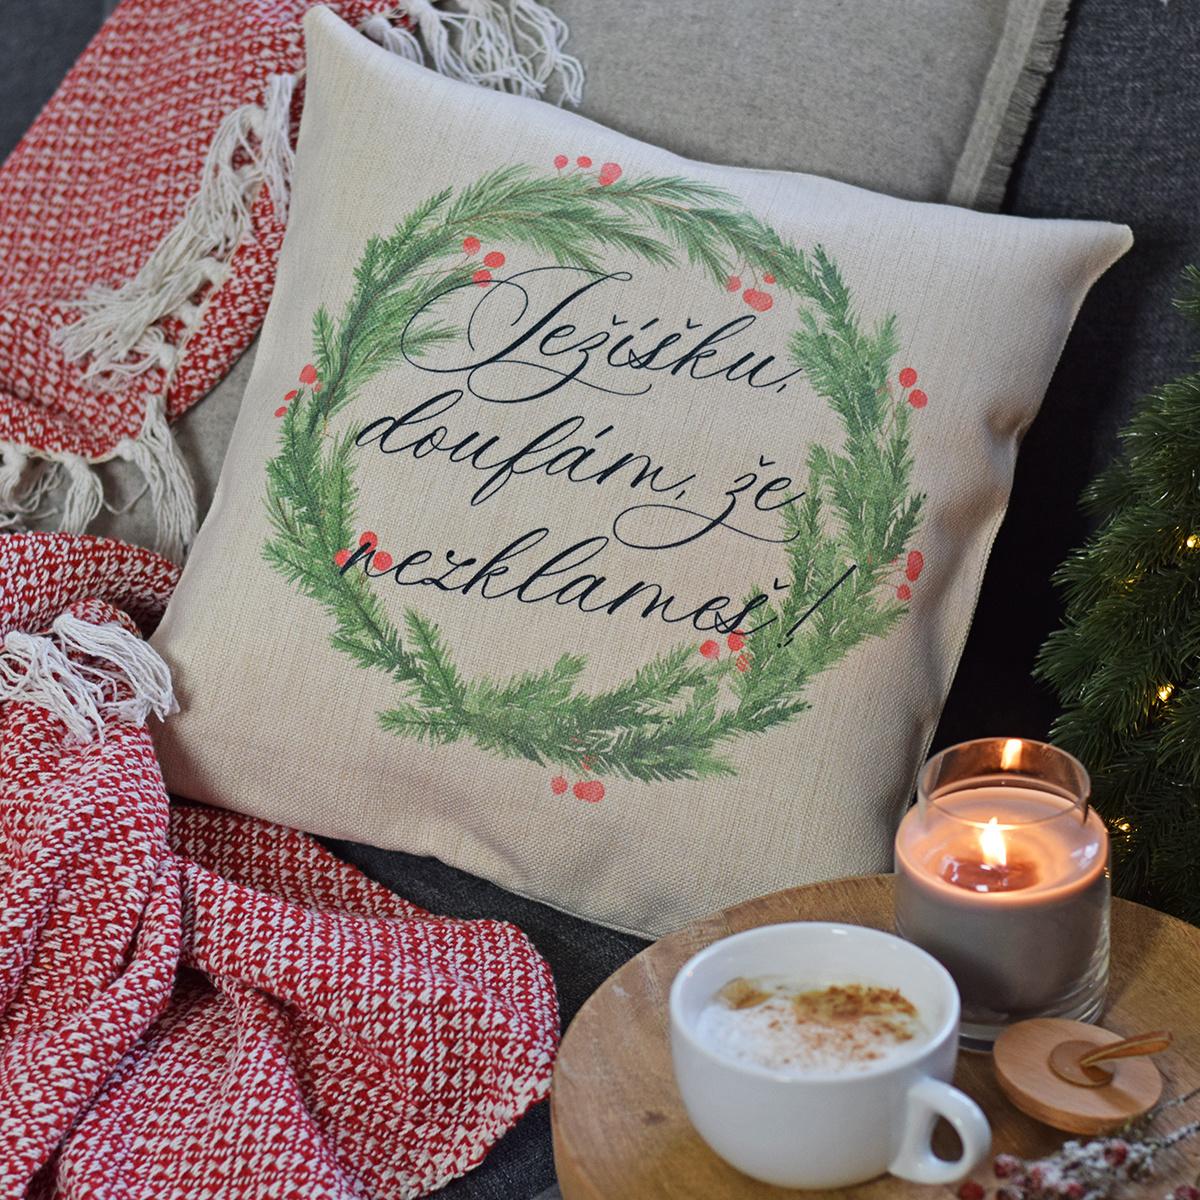 HOUSEDECOR Vánoční polštář - Ježíšku, doufám, že nezklameš!